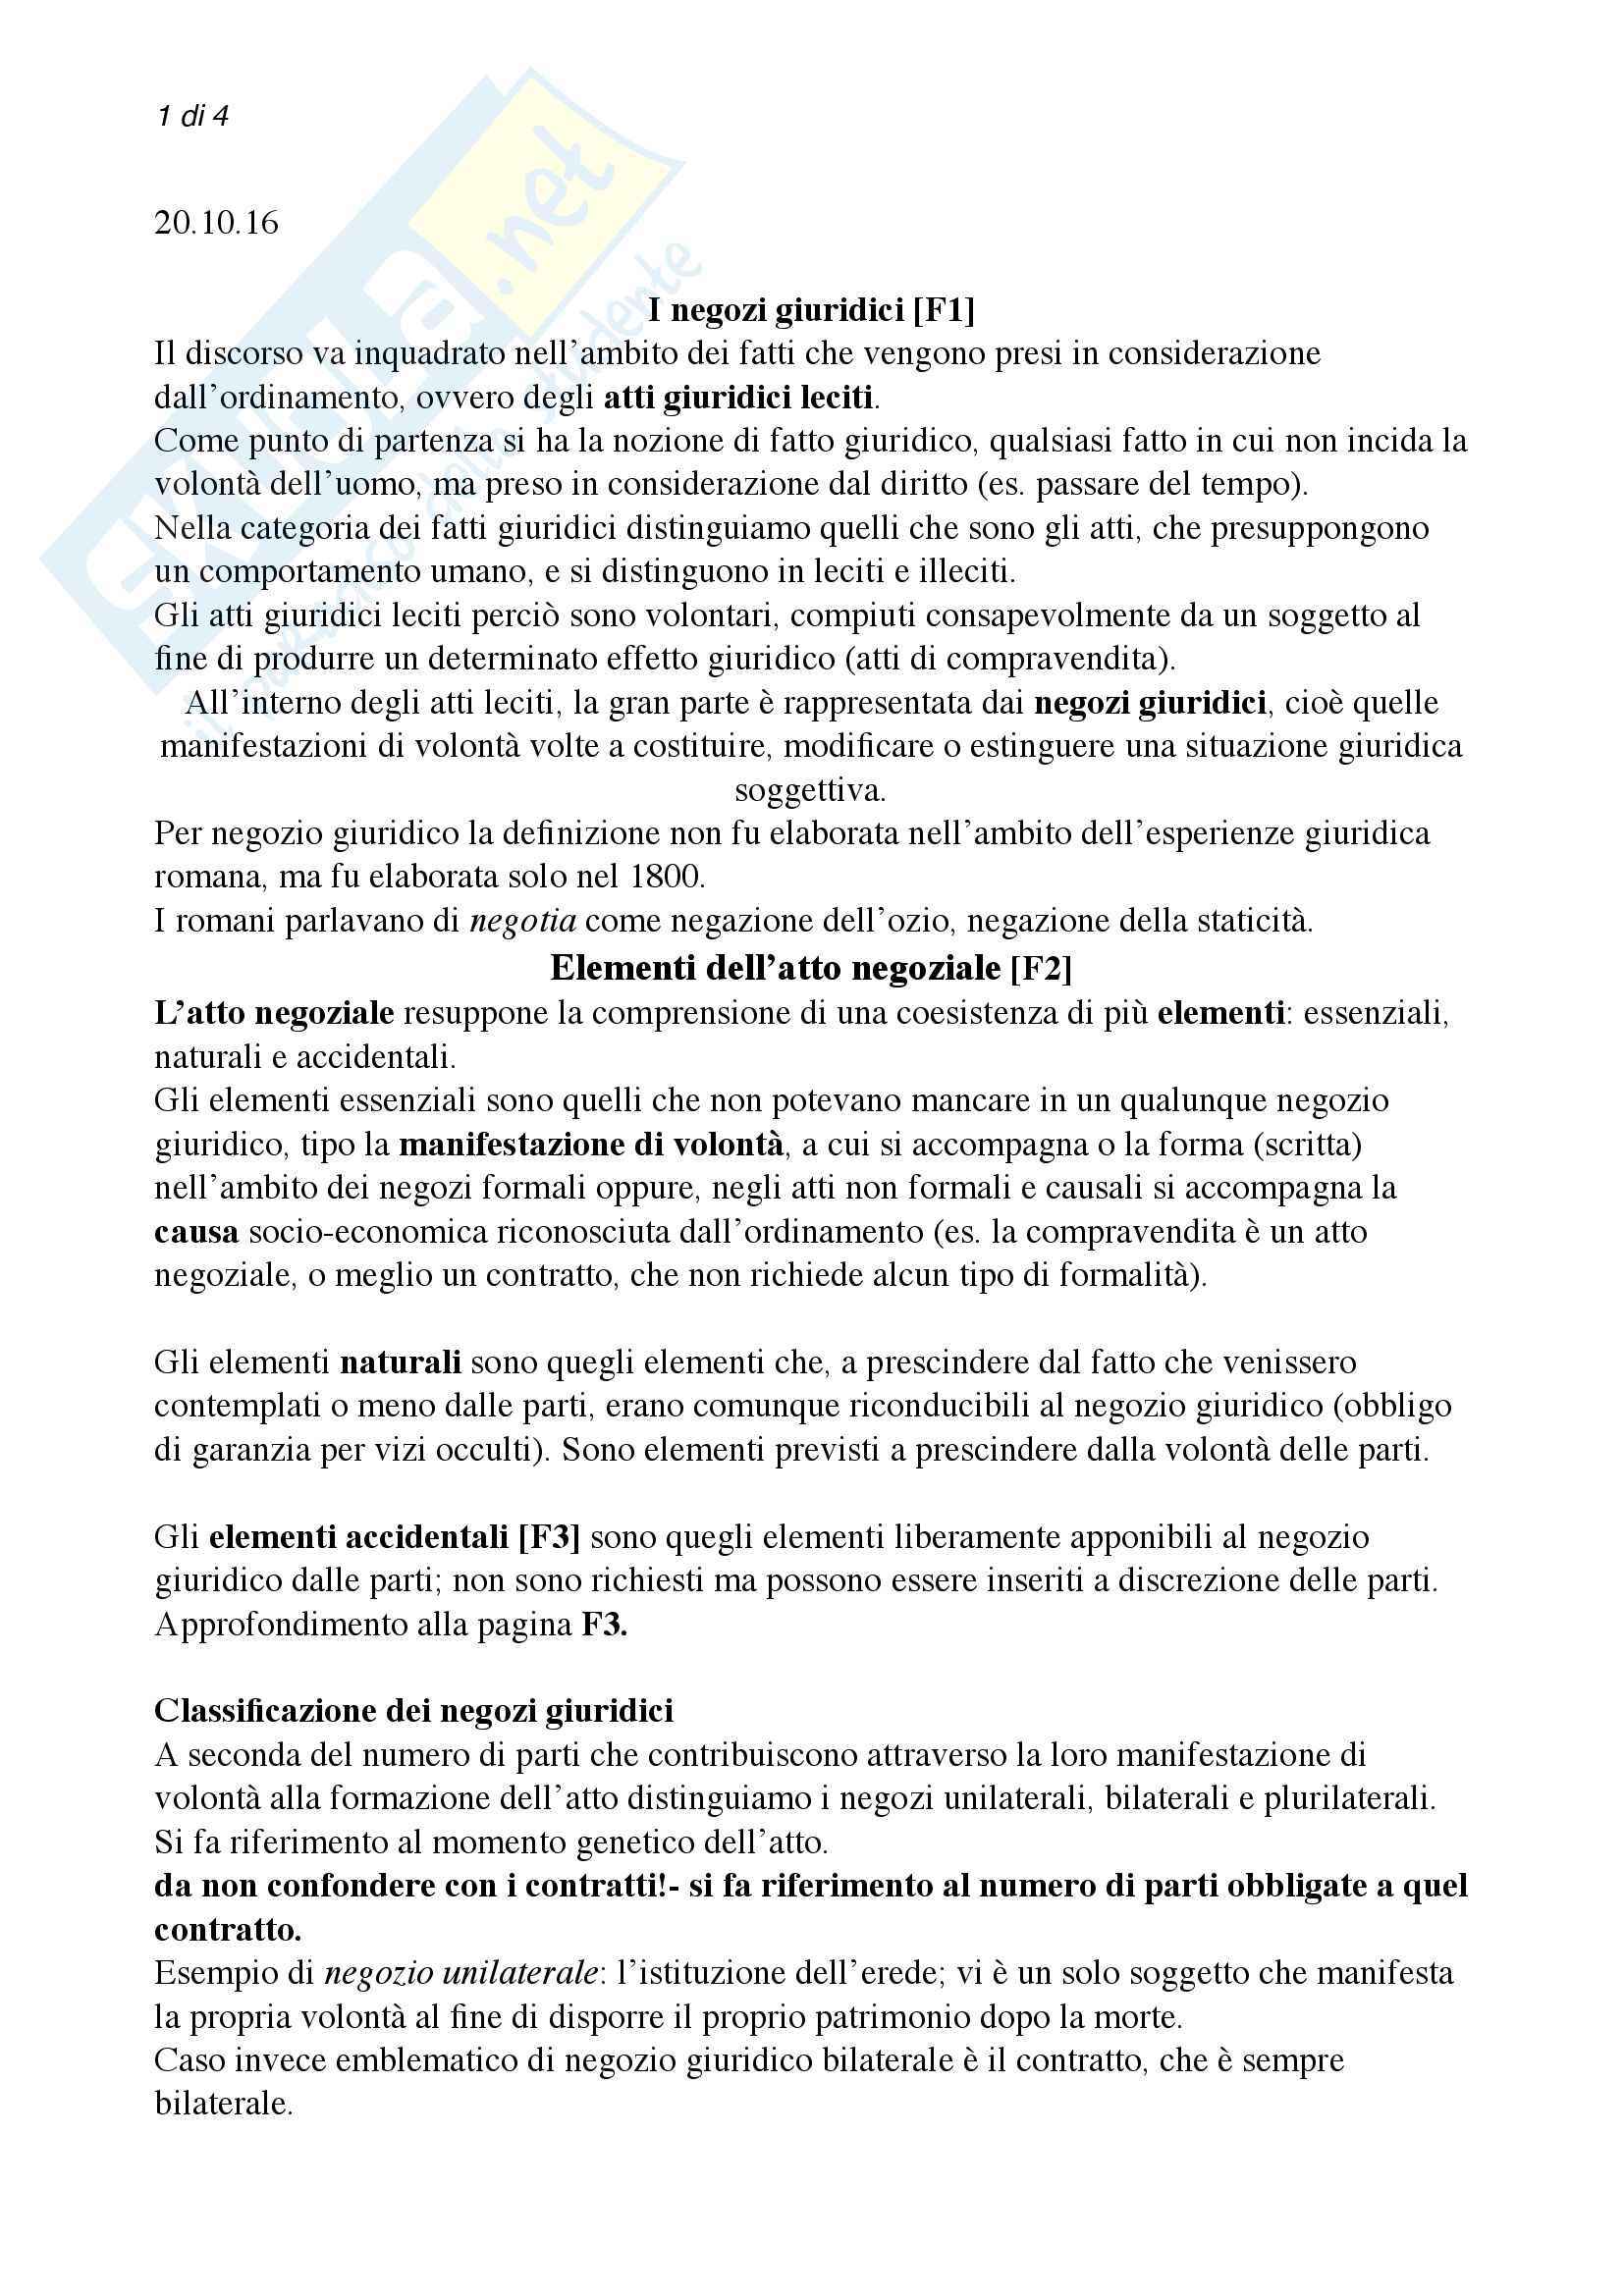 Negozi giuridici - Riassunto Diritto Privato Romano - Giurisprudenza